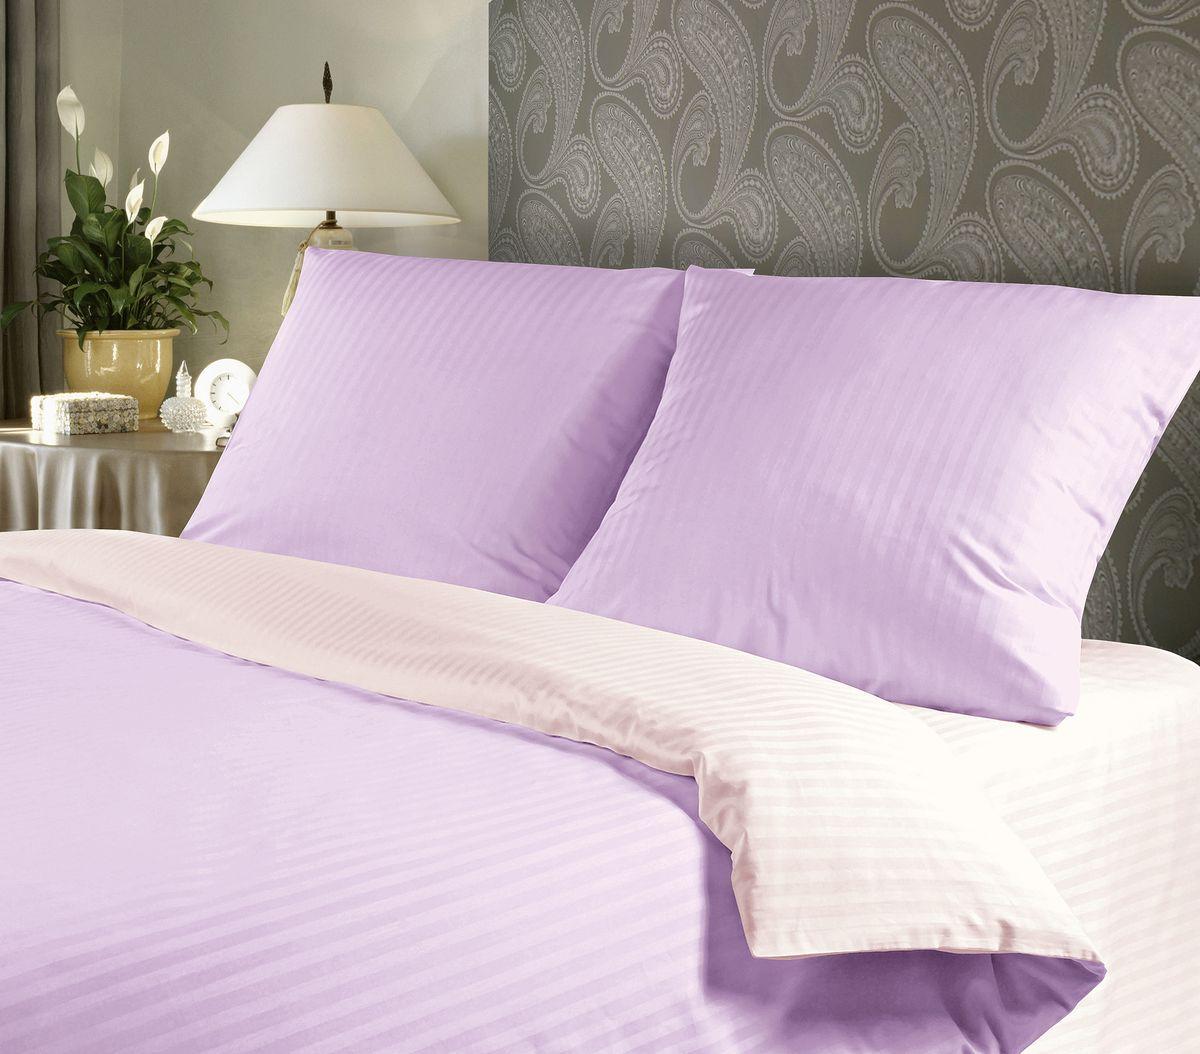 Комплект белья Verossa, 1,5-спальный, наволочки 50х70, цвет: сиреневый, белыйS03301004Сатин - настоящая роскошь для любителей понежиться в постели. Вас манит его блеск, завораживает гладкость, ласкает мягкость, и каждая минута с ним - истинное наслаждение.Тонкая пряжа и атласное переплетение нитей обеспечивают сатину мягкость и деликатность.Легкий блеск сатина делает дизайны живыми и переливающимися.100% хлопок, не электризуется и отлично пропускает воздух, ткань дышит.Легко стирается и практически не требует глажения.Не линяет, не изменяет вид после многочисленных стирок.